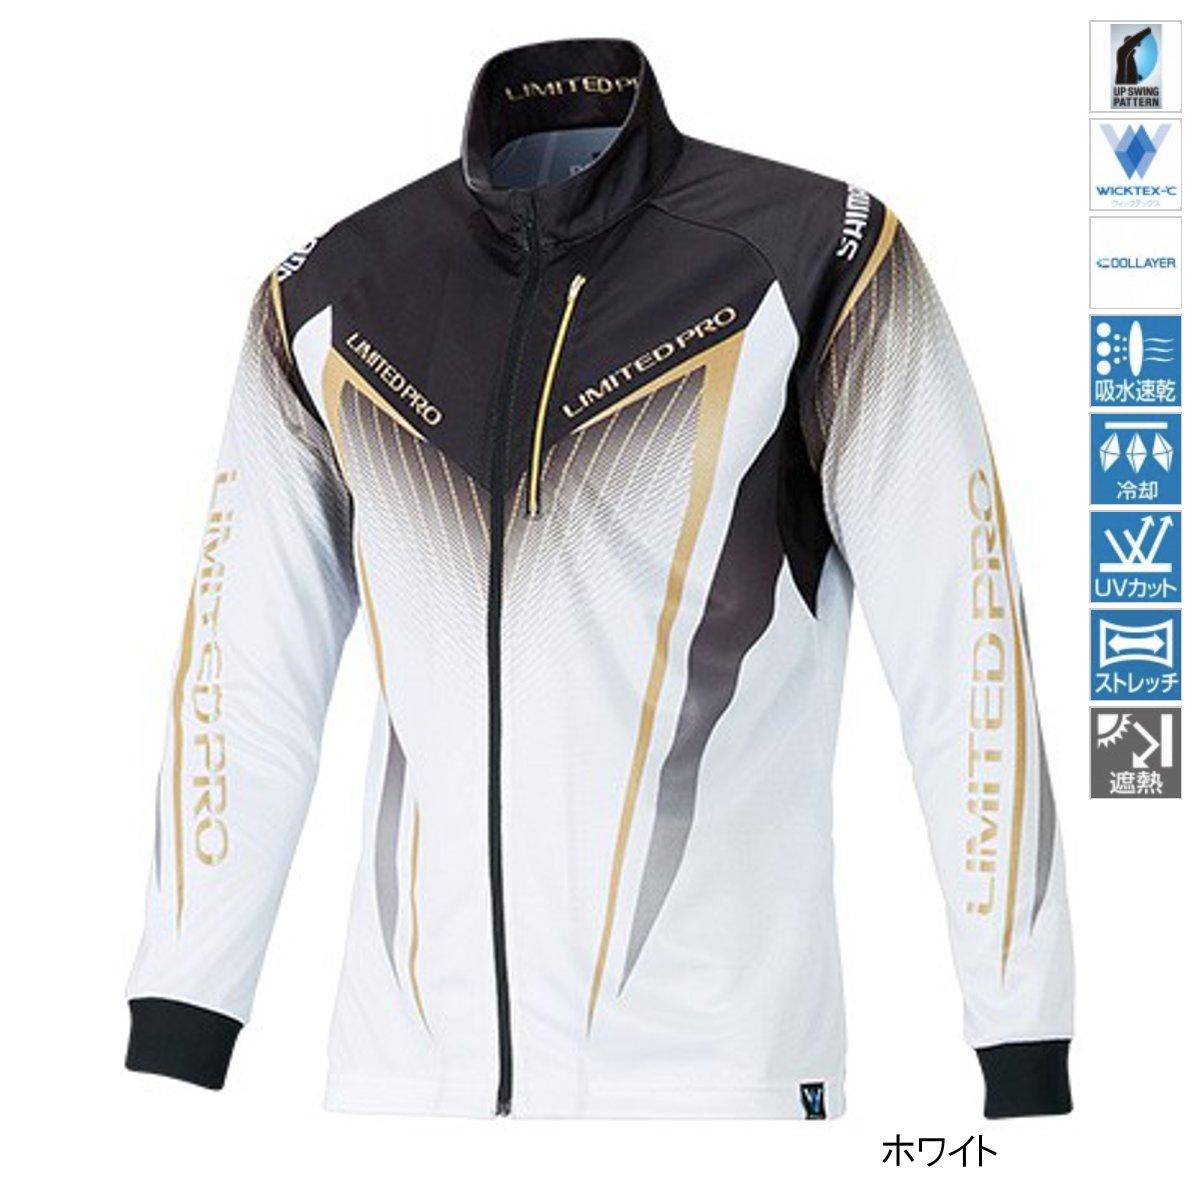 シマノ フルジップシャツLIMITED PRO(長袖) SH-011S XL ホワイト【送料無料】